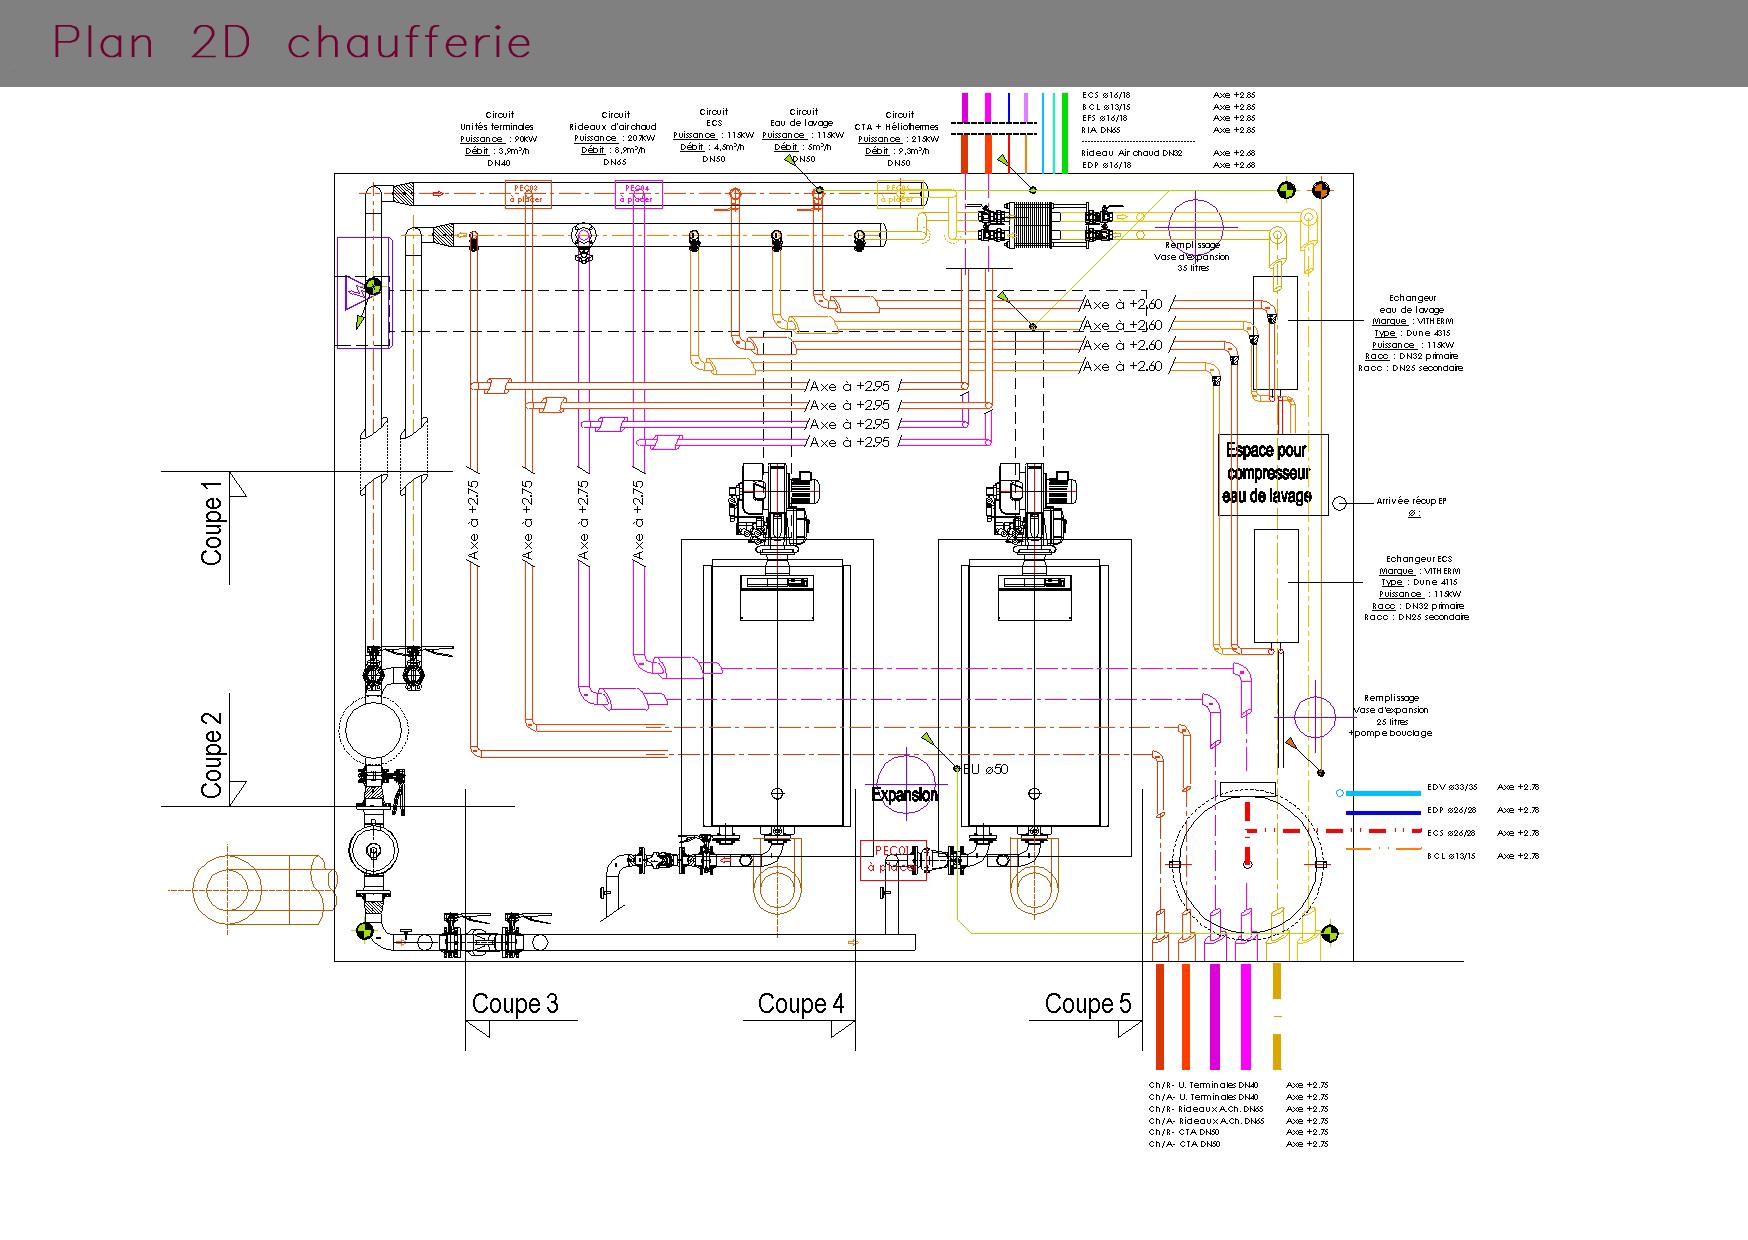 Chaufferie : Plan 2D et coupes